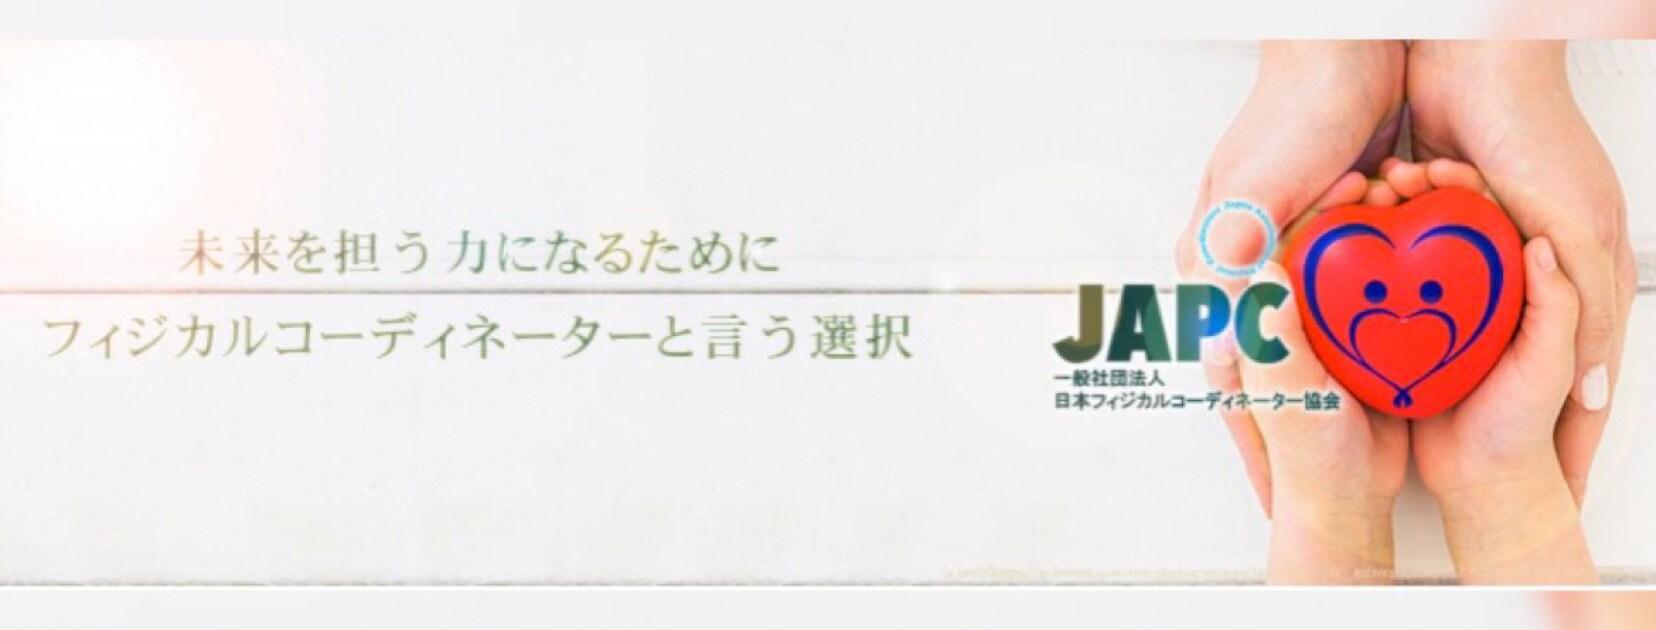 一般社団法人日本フィジカルコーディネーター協会